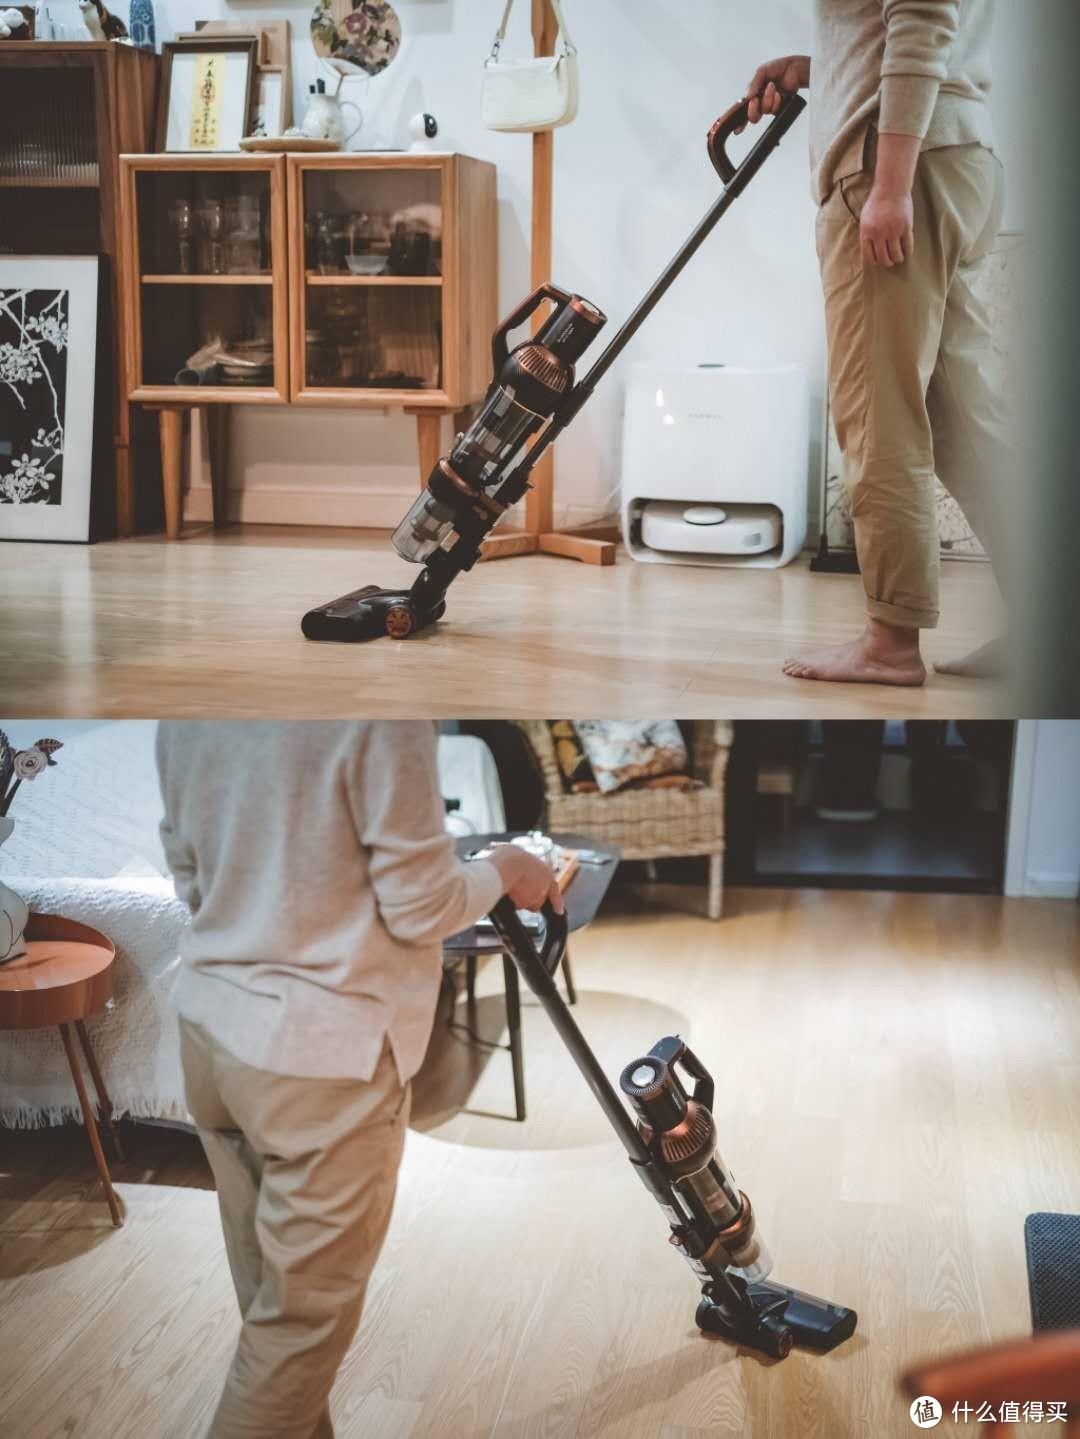 什么牌子吸尘器好?莱克魔洁提升家庭清洁幸福感